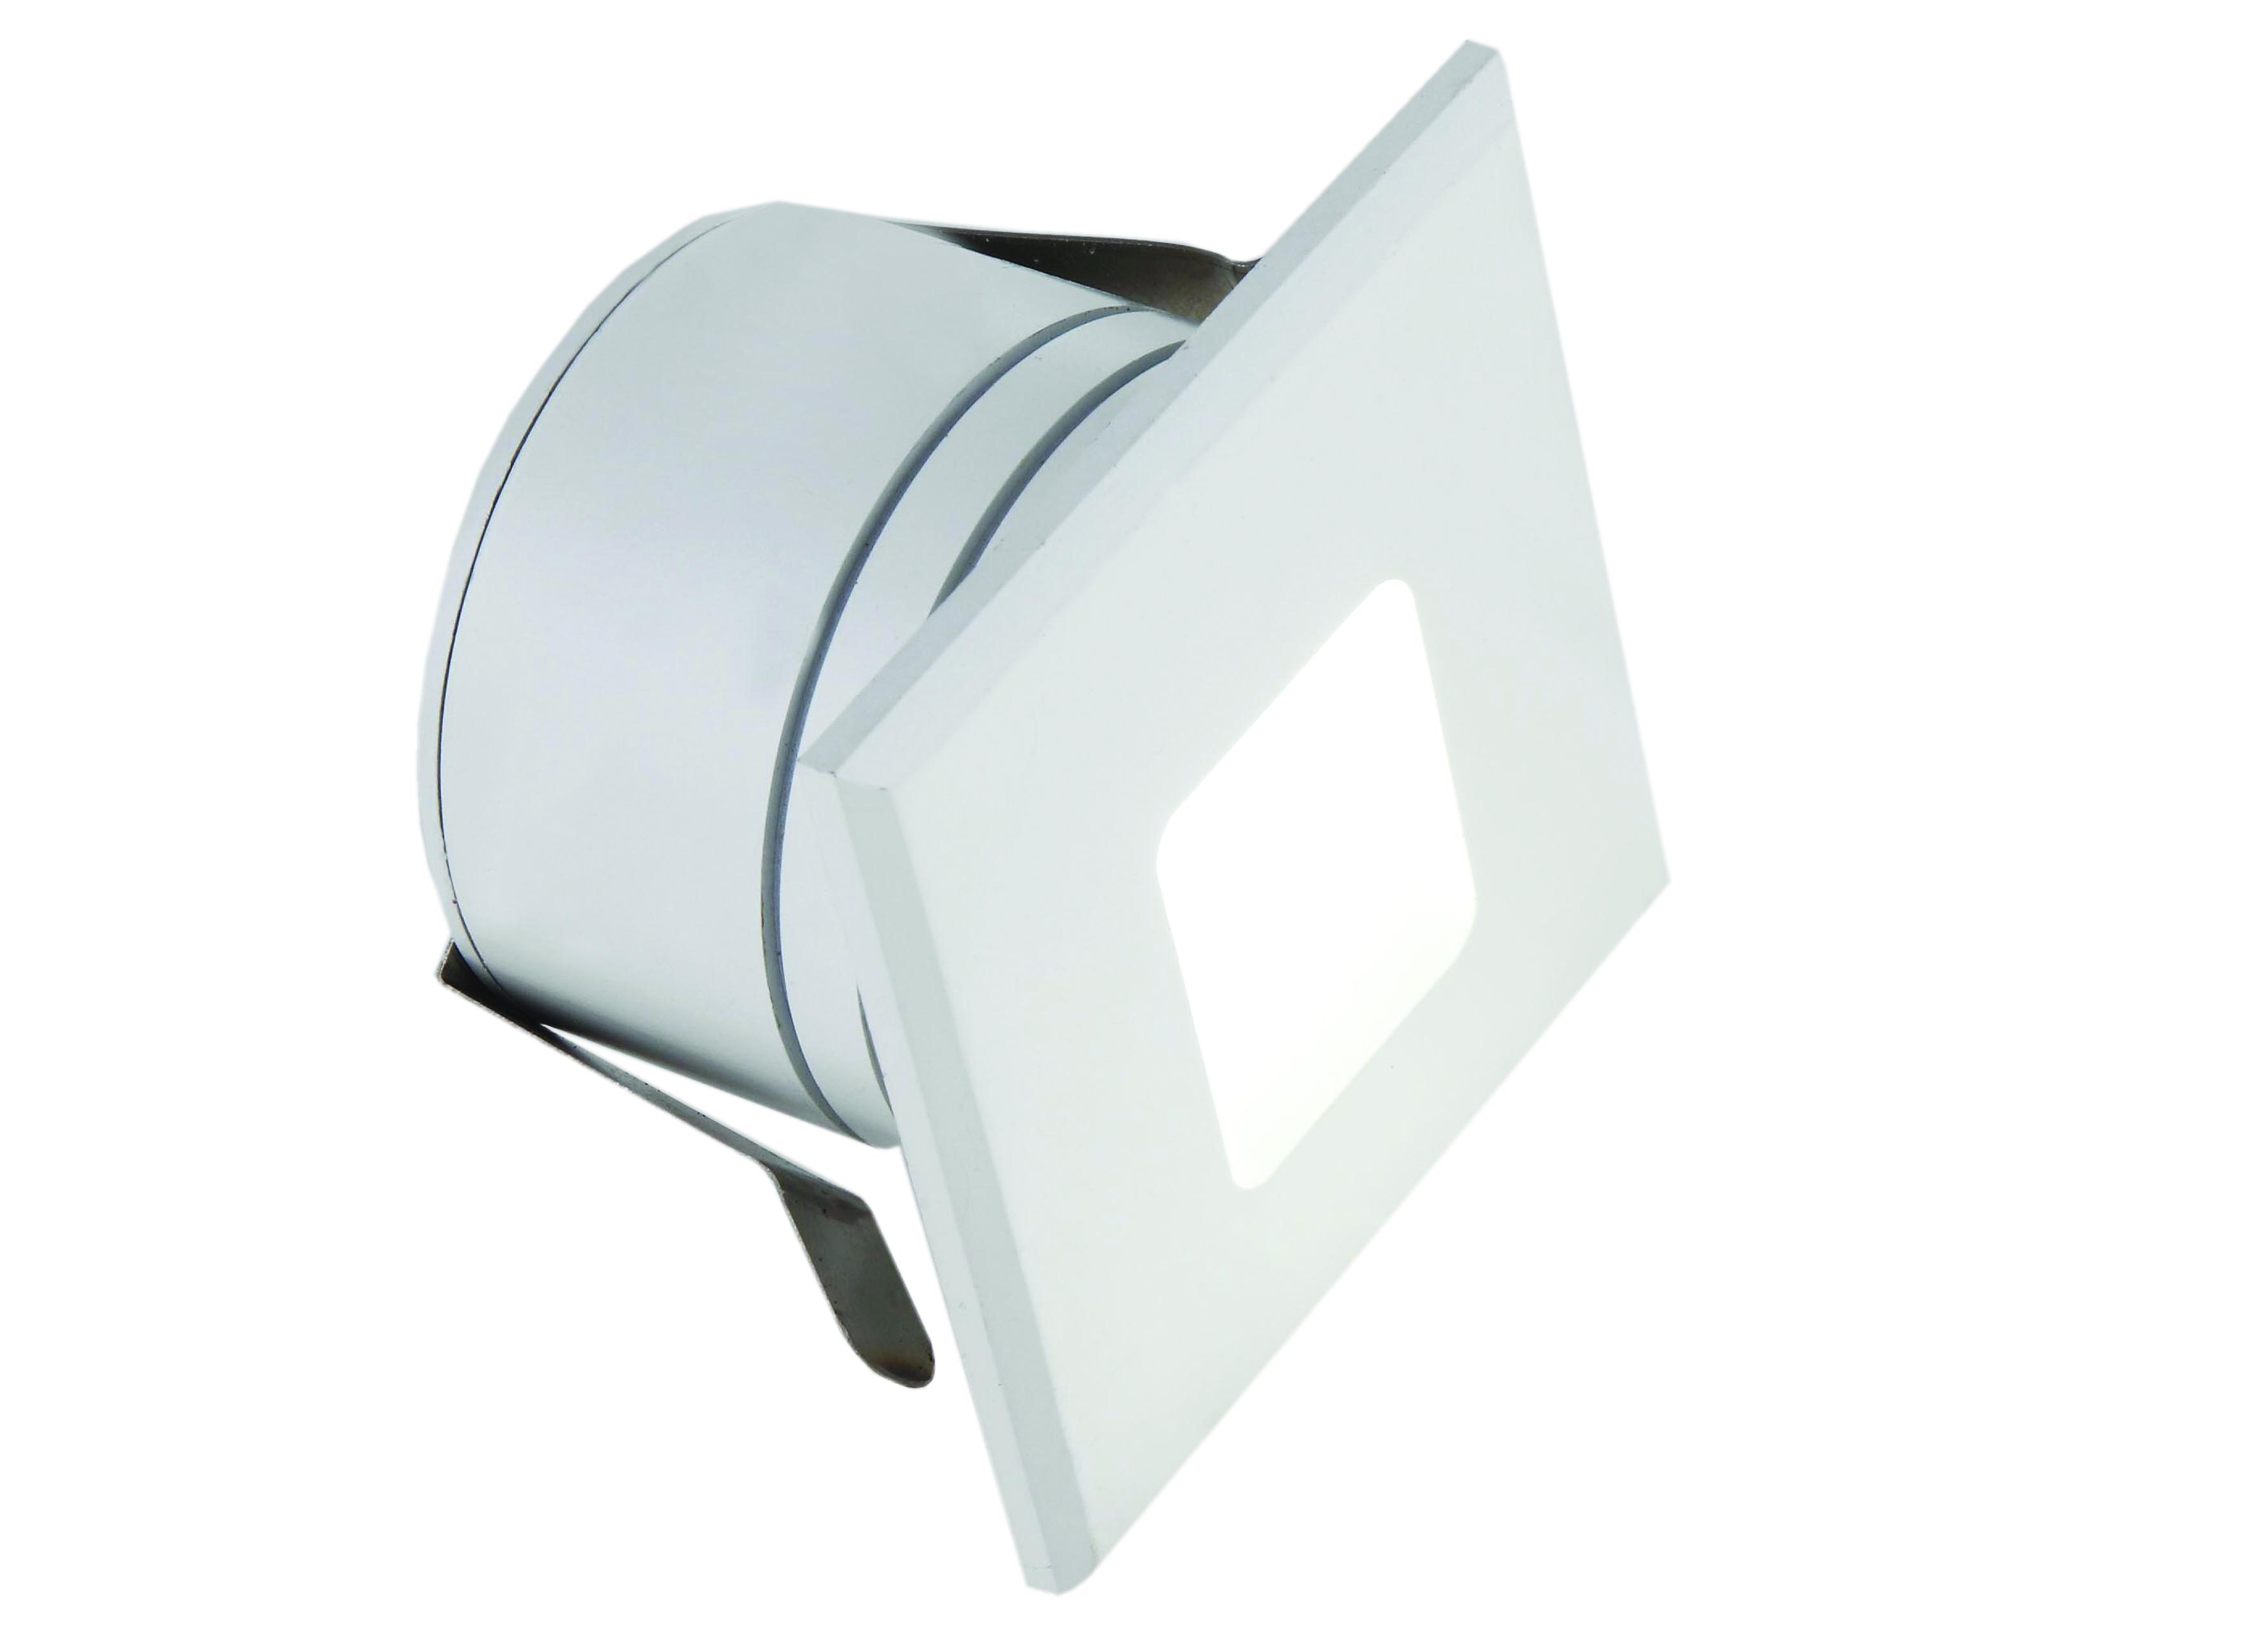 LED Cool White Modern Step Lights (S2A-22C) - VETi